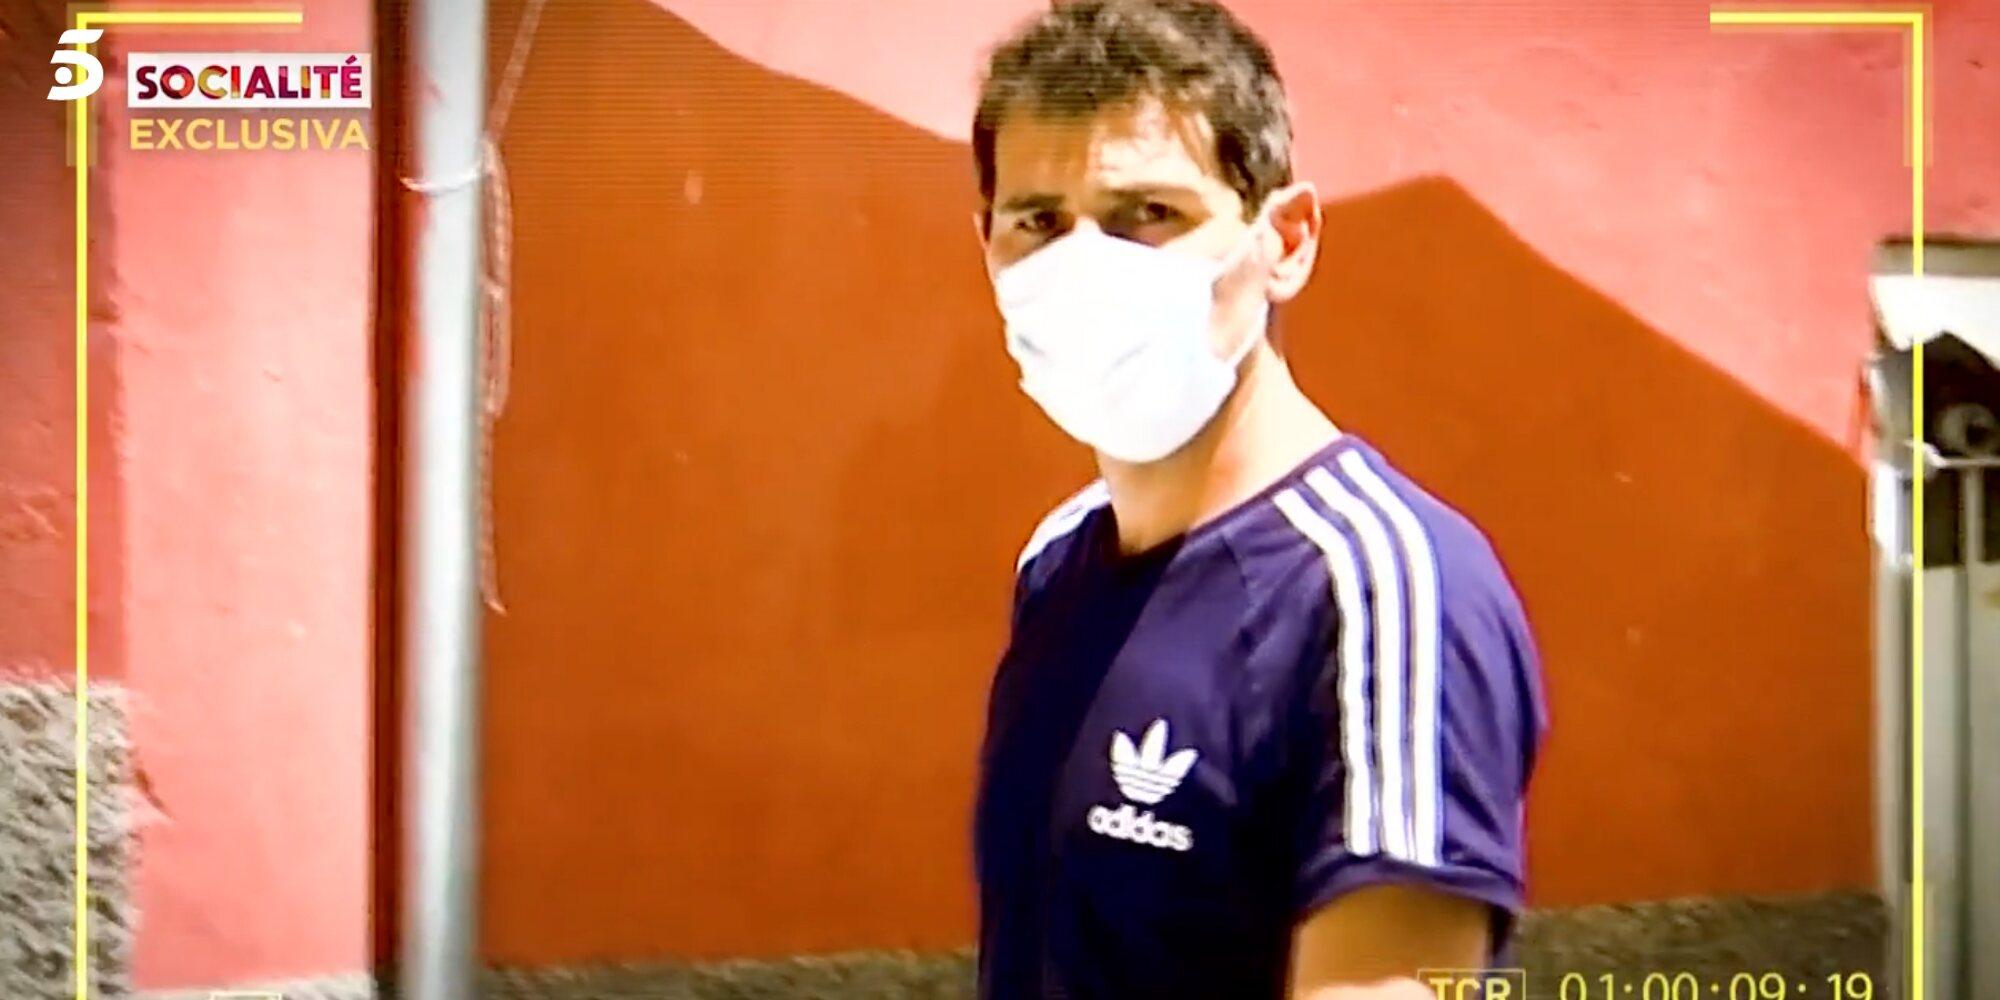 """El equipo de 'Socialité' vive un tenso momento con Iker Casillas en su pueblo: """"Déjame tranquilo"""""""